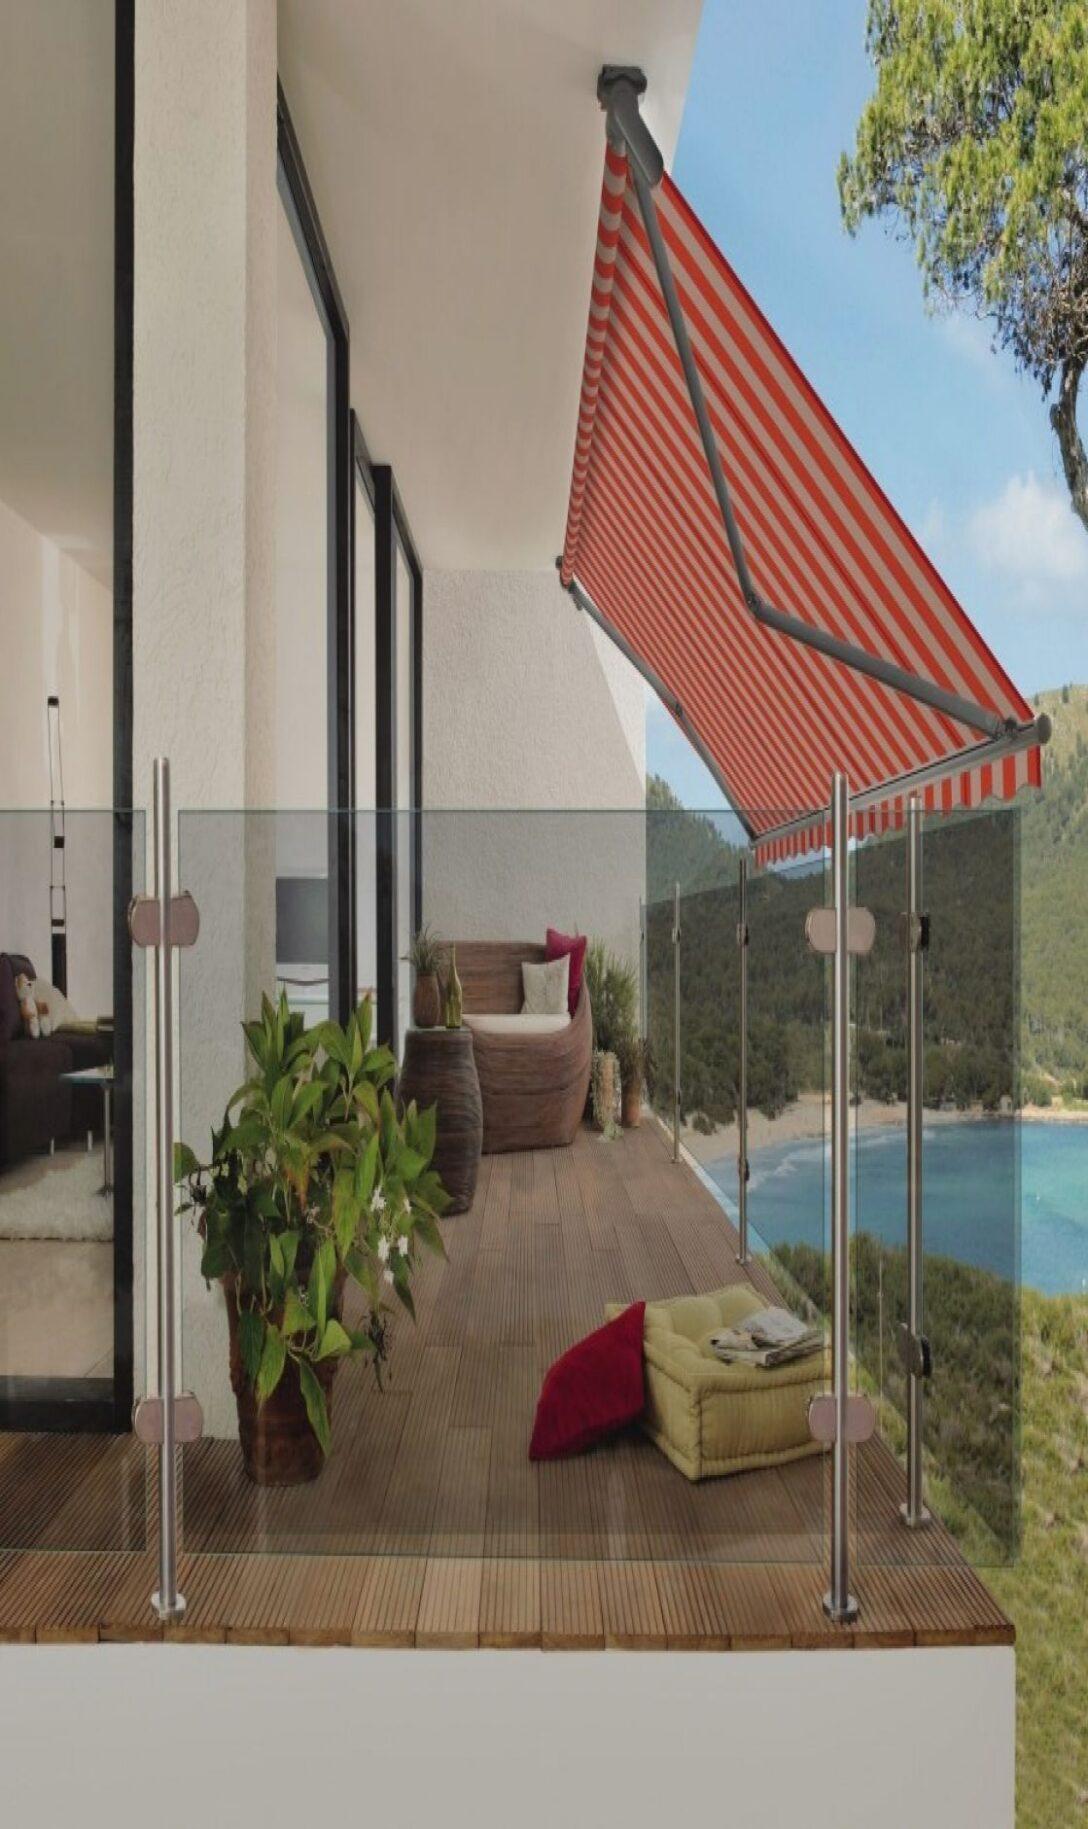 Large Size of Paravent Balkon Ikea Balkonmbel Beste Schrank Küche Kosten Garten Betten 160x200 Modulküche Miniküche Sofa Mit Schlaffunktion Bei Kaufen Wohnzimmer Paravent Balkon Ikea